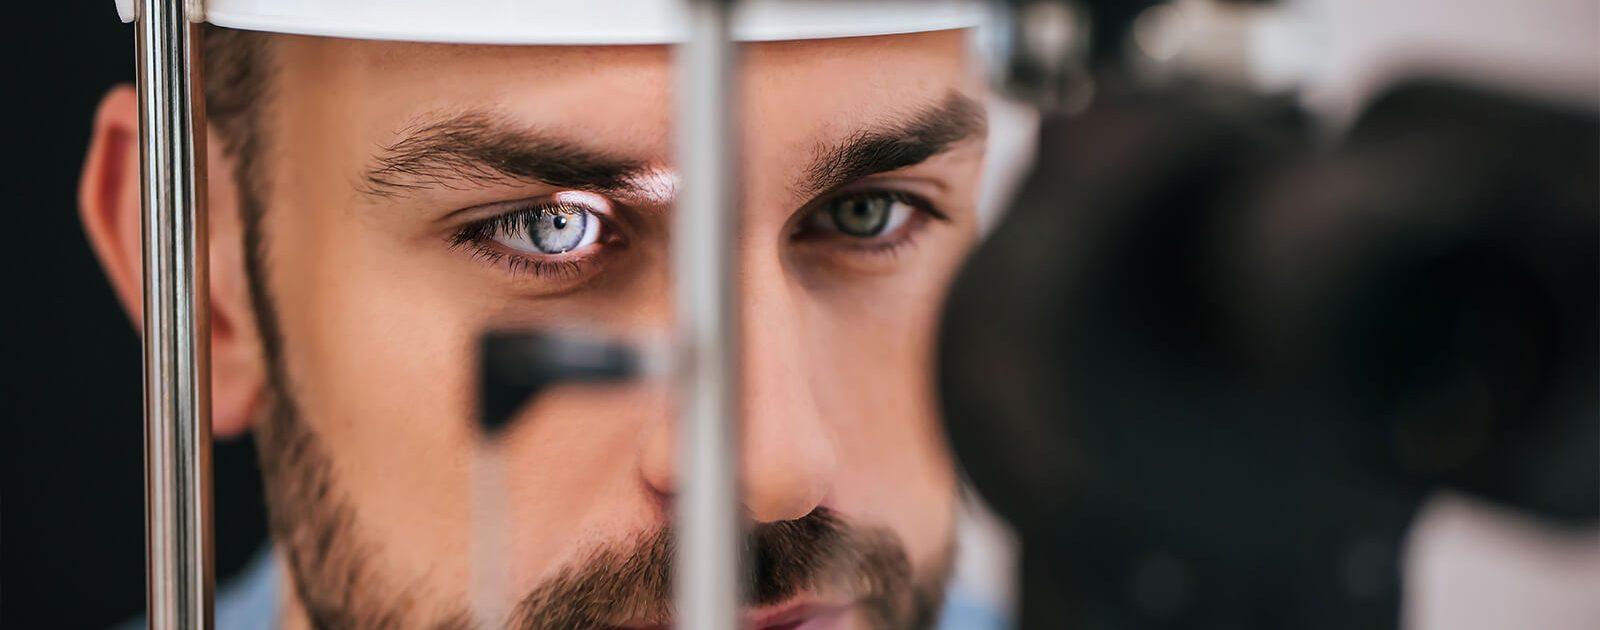 Bei einem Mann wird mithilfe eines speziellen Untersuchungsinstruments eine Netzhautablösung diagnostiziert.